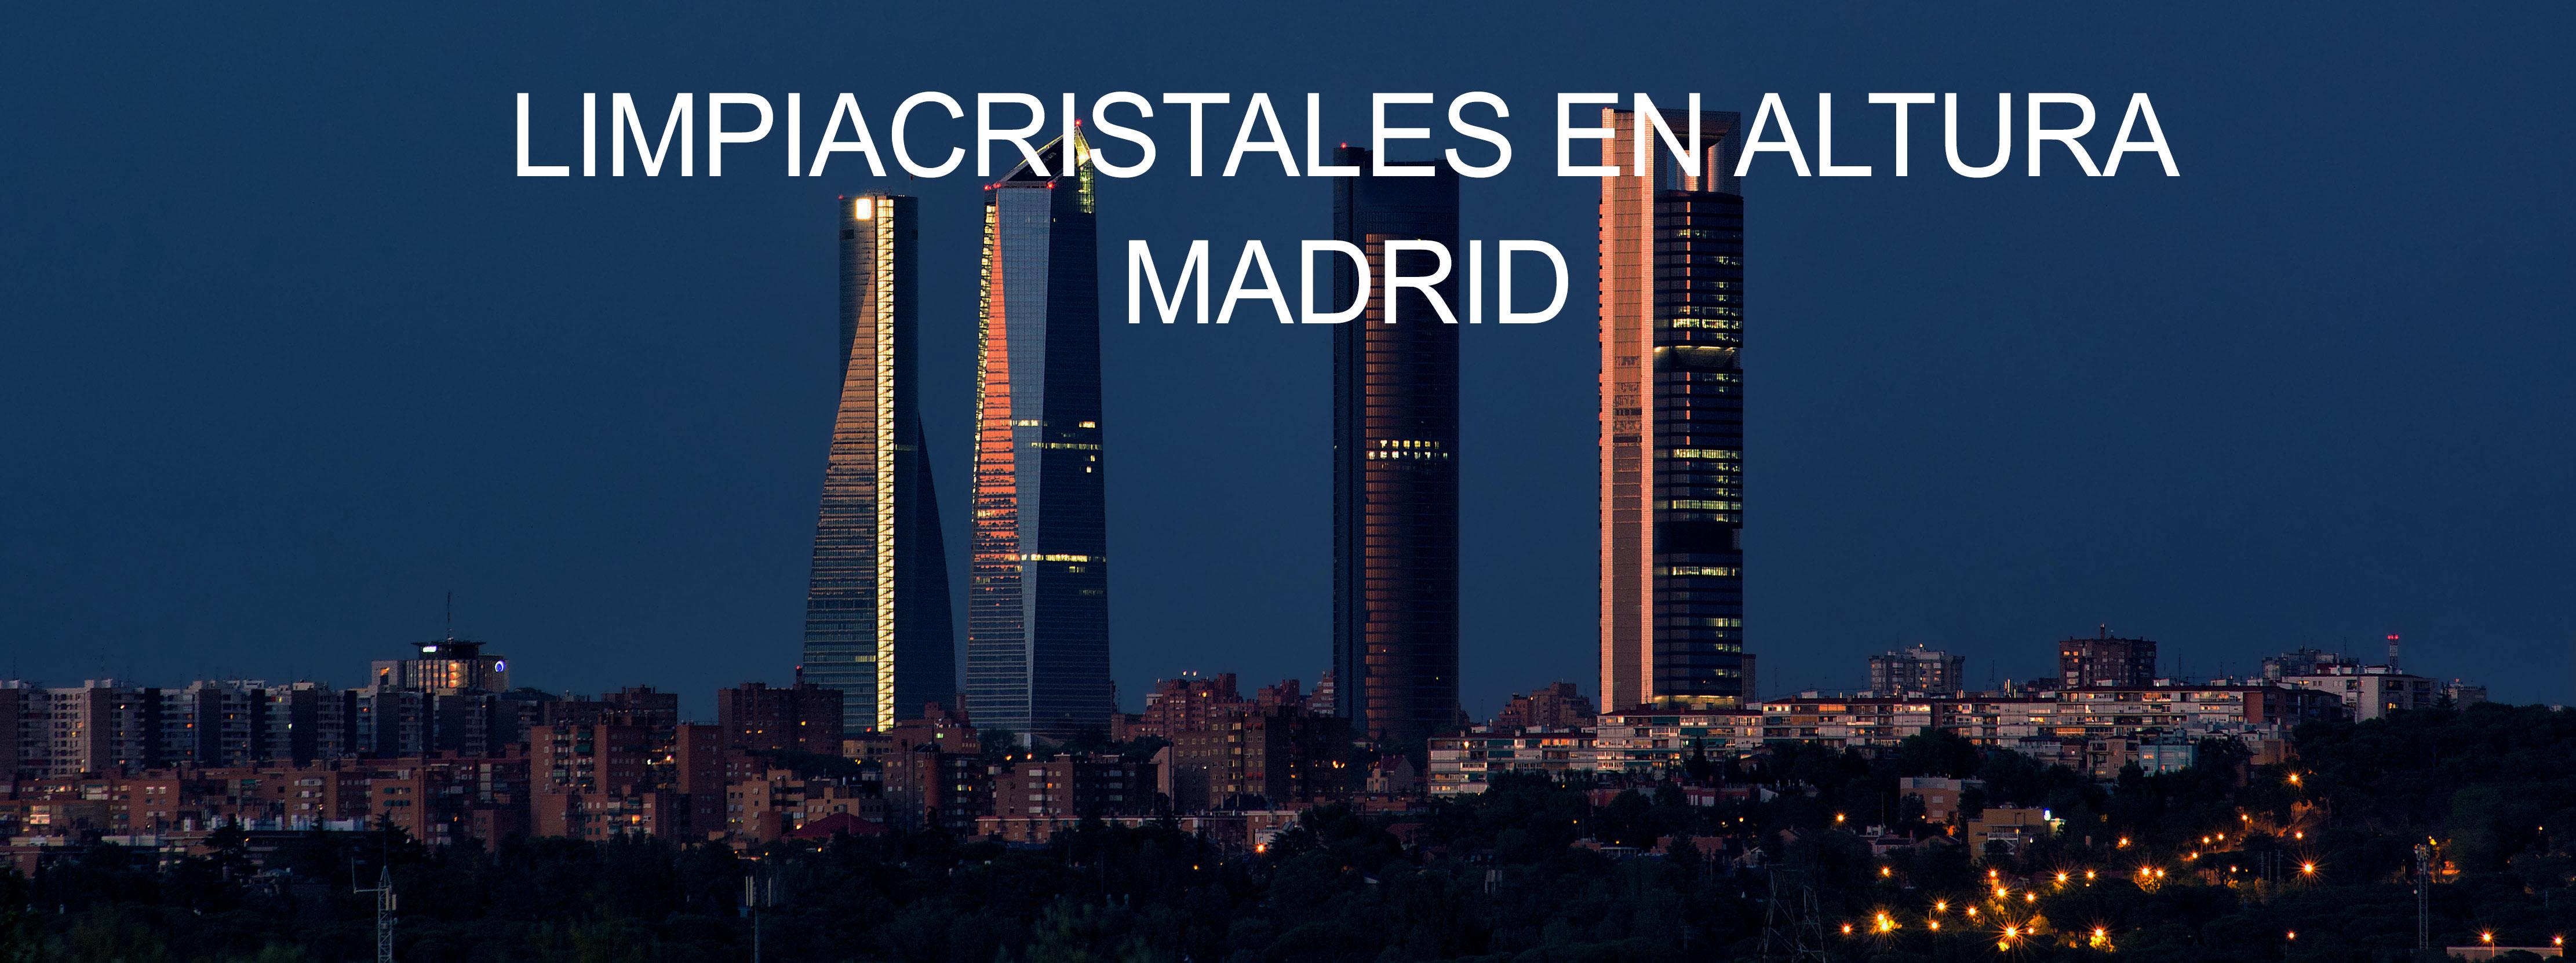 Limpieza de cristales en altura Madrid